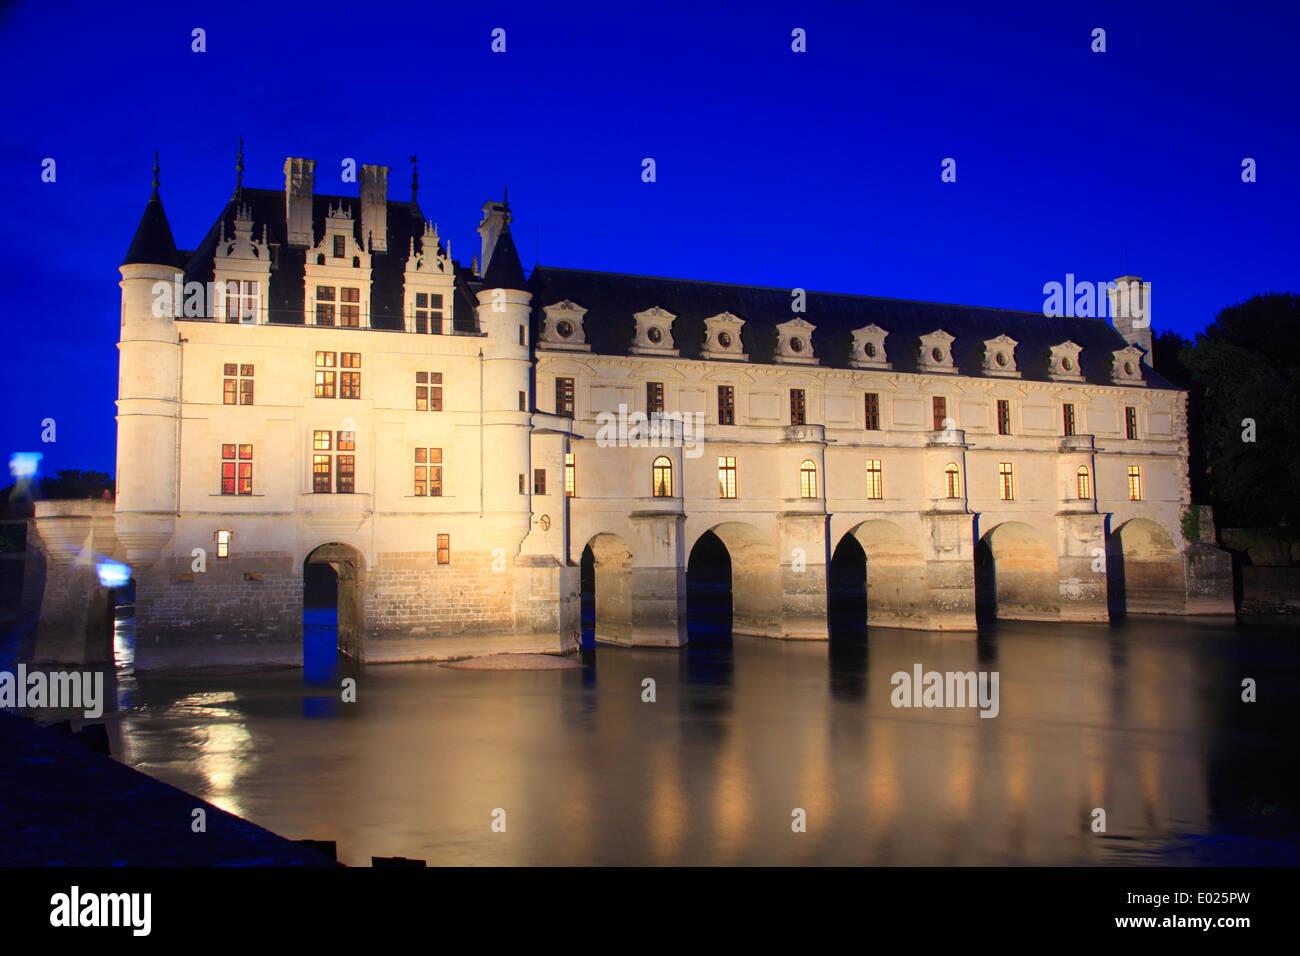 Foto del castillo de Chenonceau, el río Cher, Valle del Loira, Francia Imagen De Stock